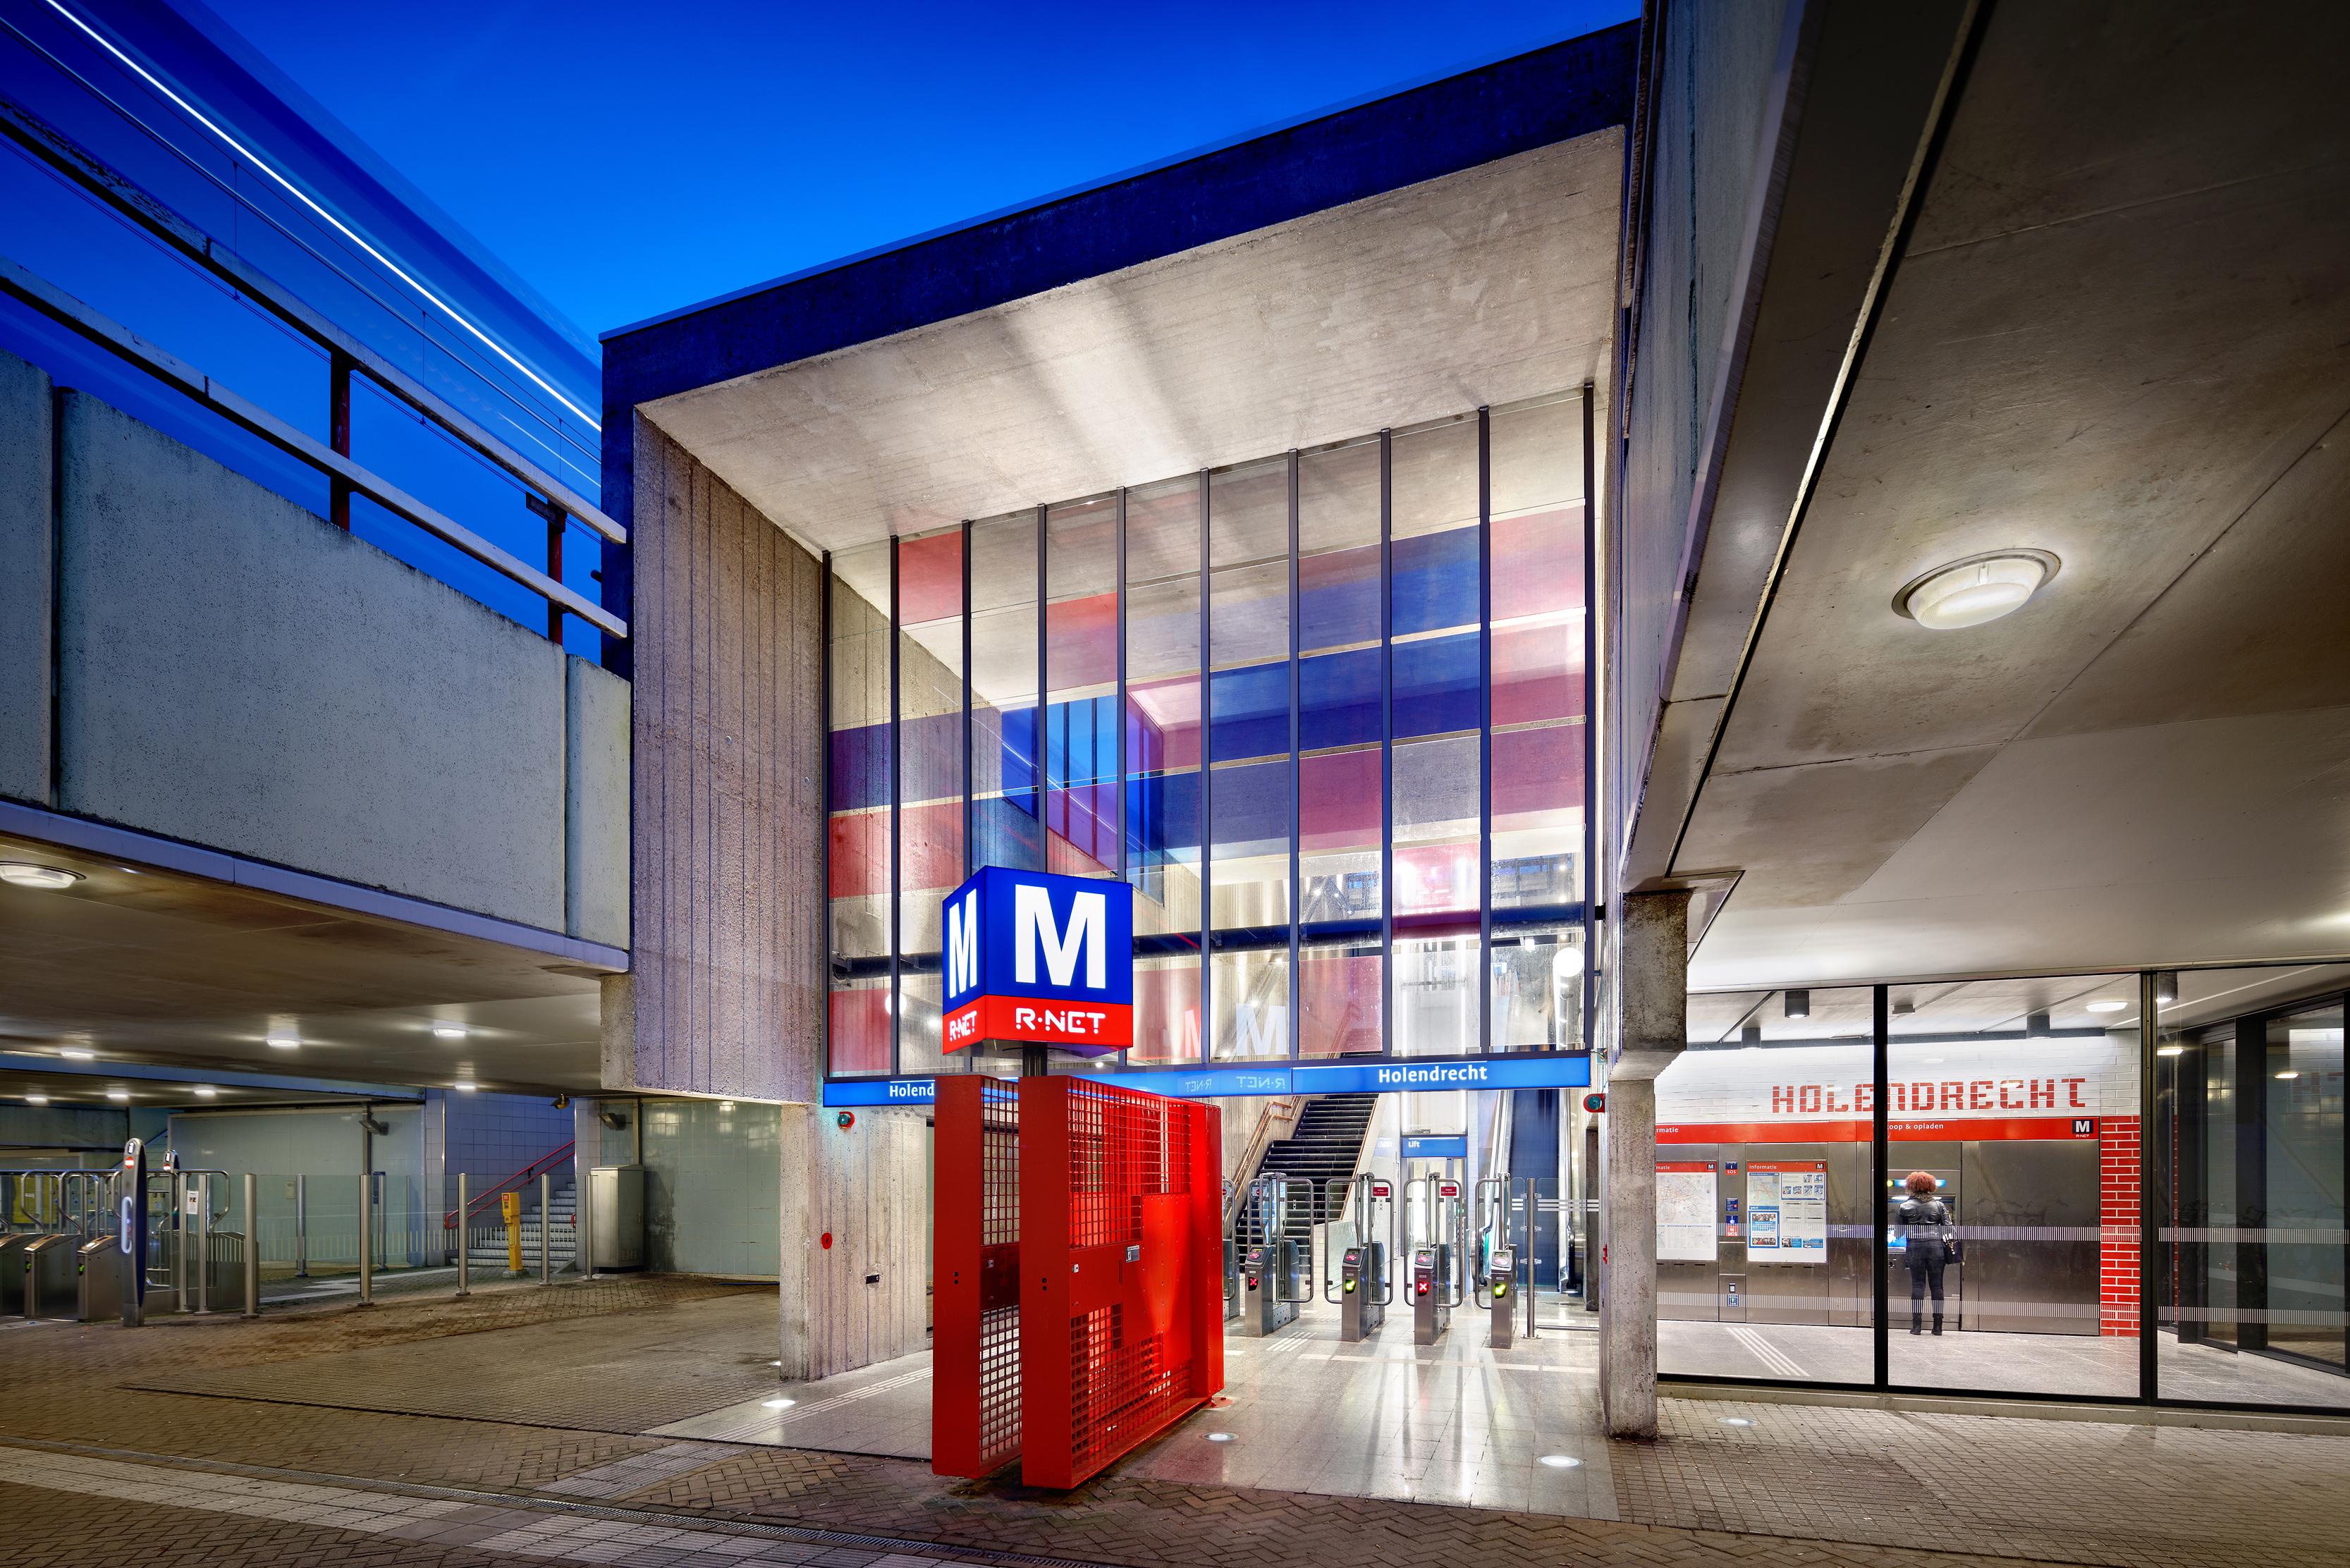 <p>Entree station Holendrecht, fototgraaf: Digidaan</p>